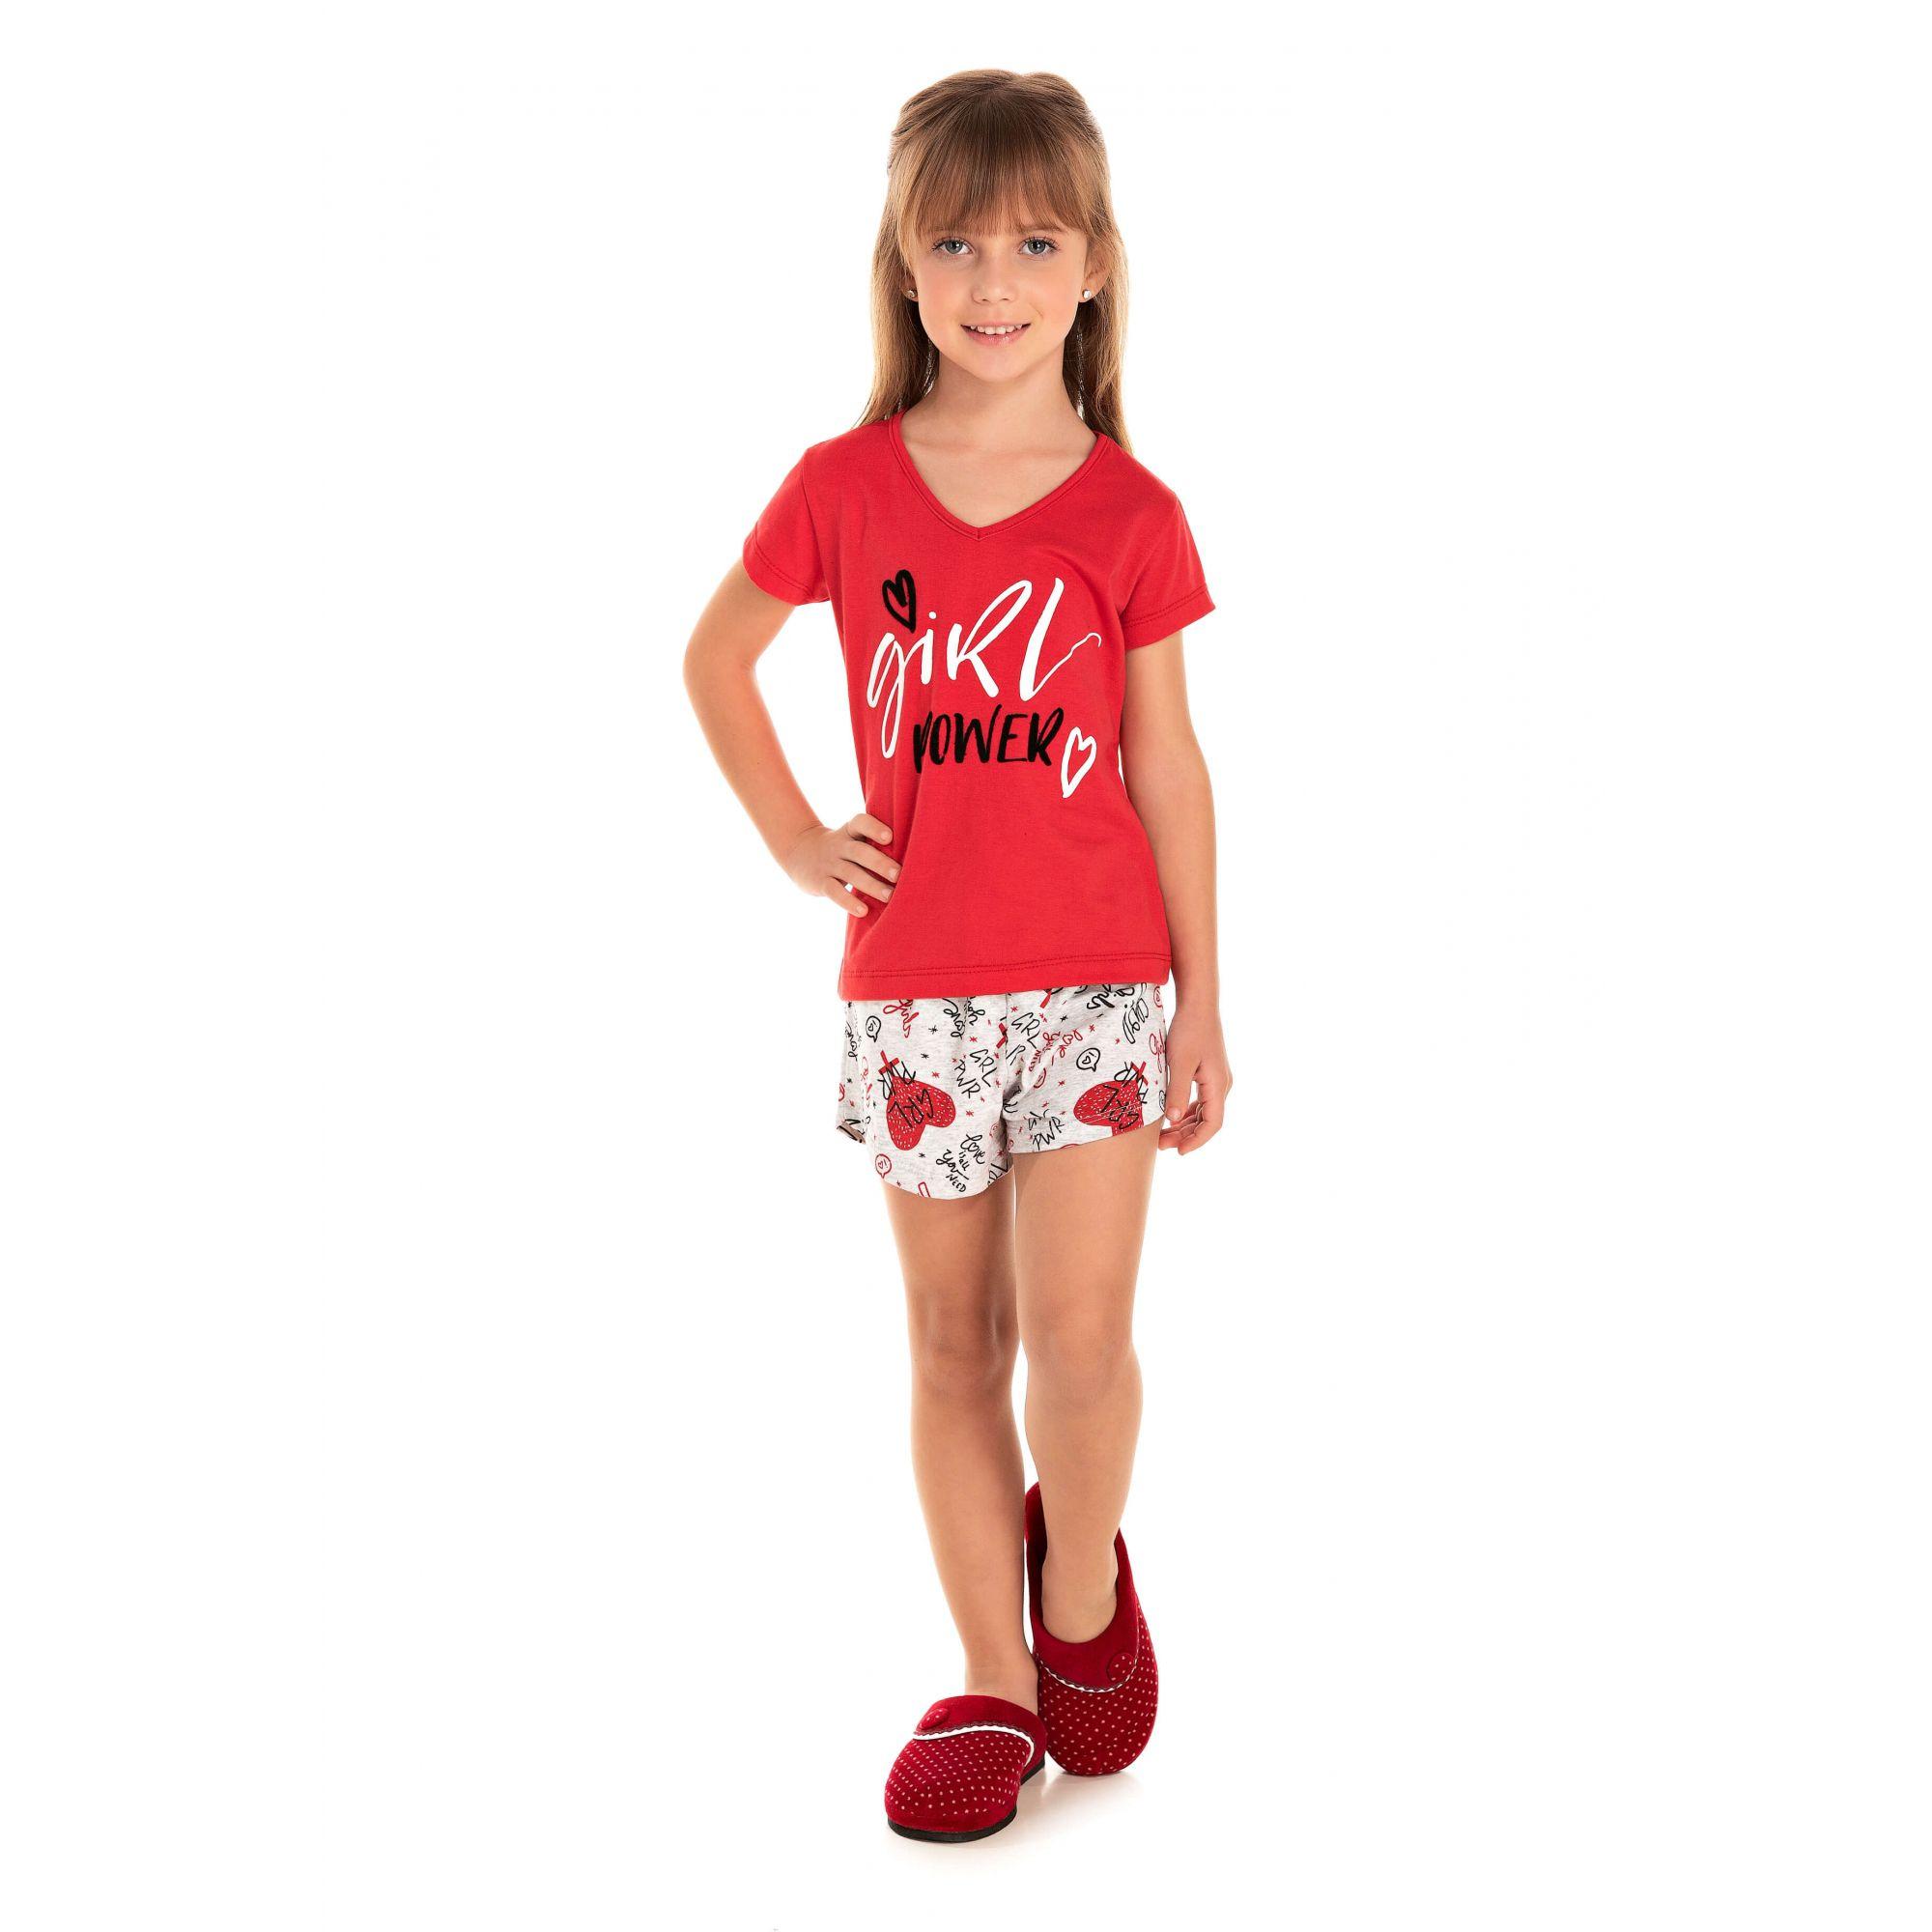 026 - Short Doll Infantil Feminino Girl Power - Vermelho